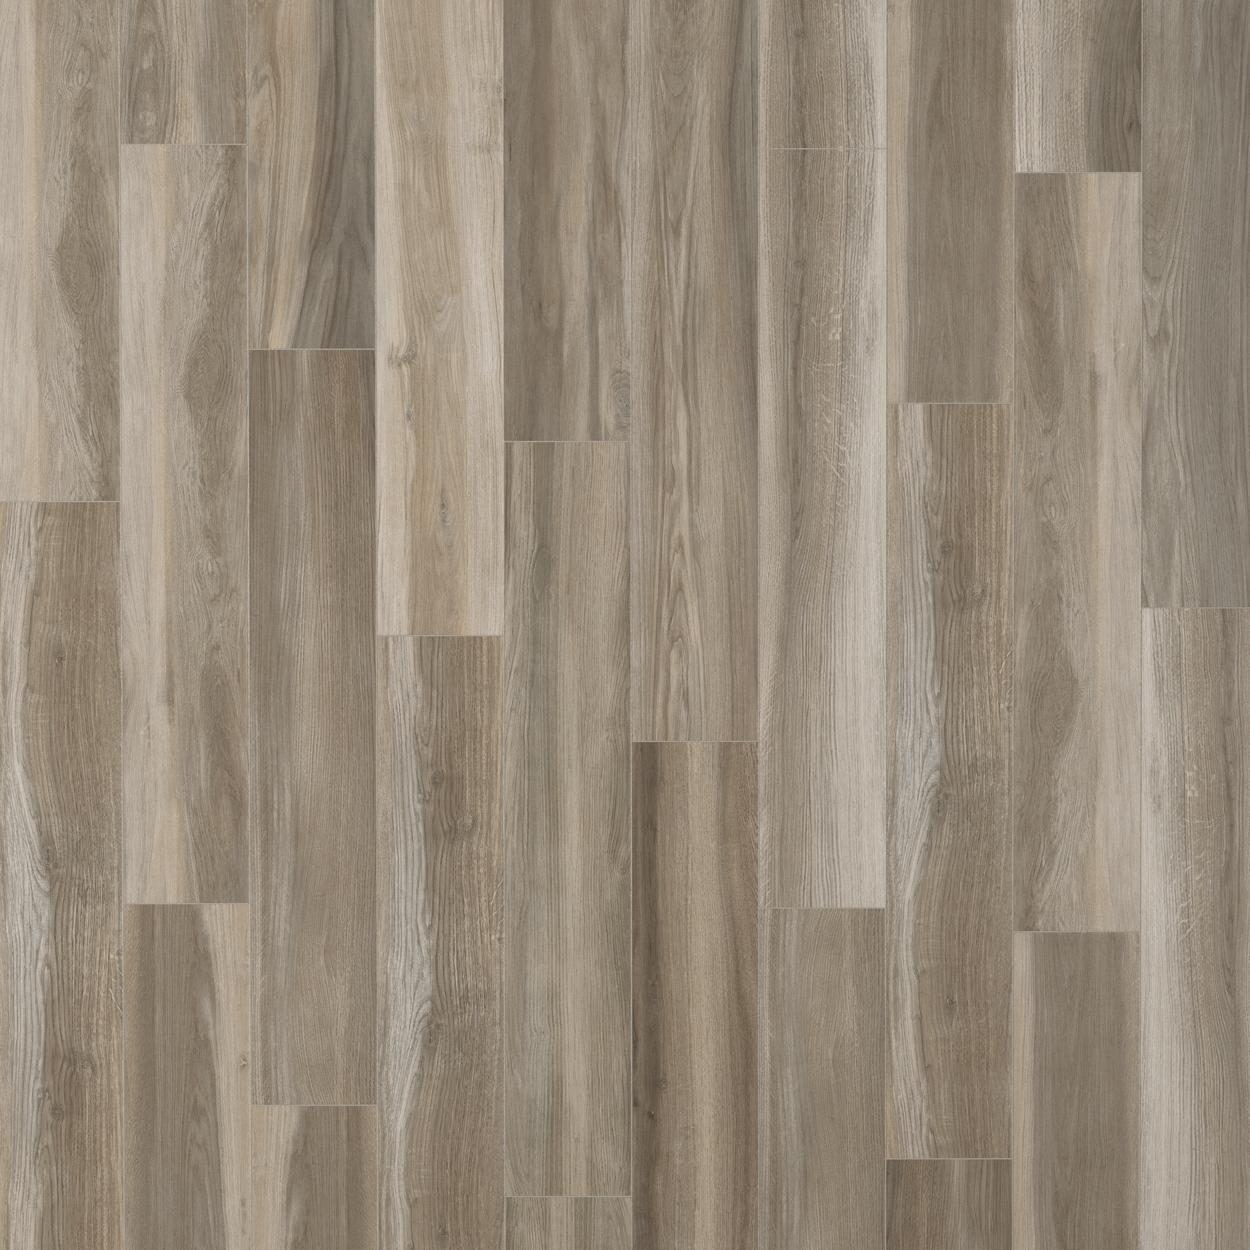 Wooden Olive Wood Look Tile